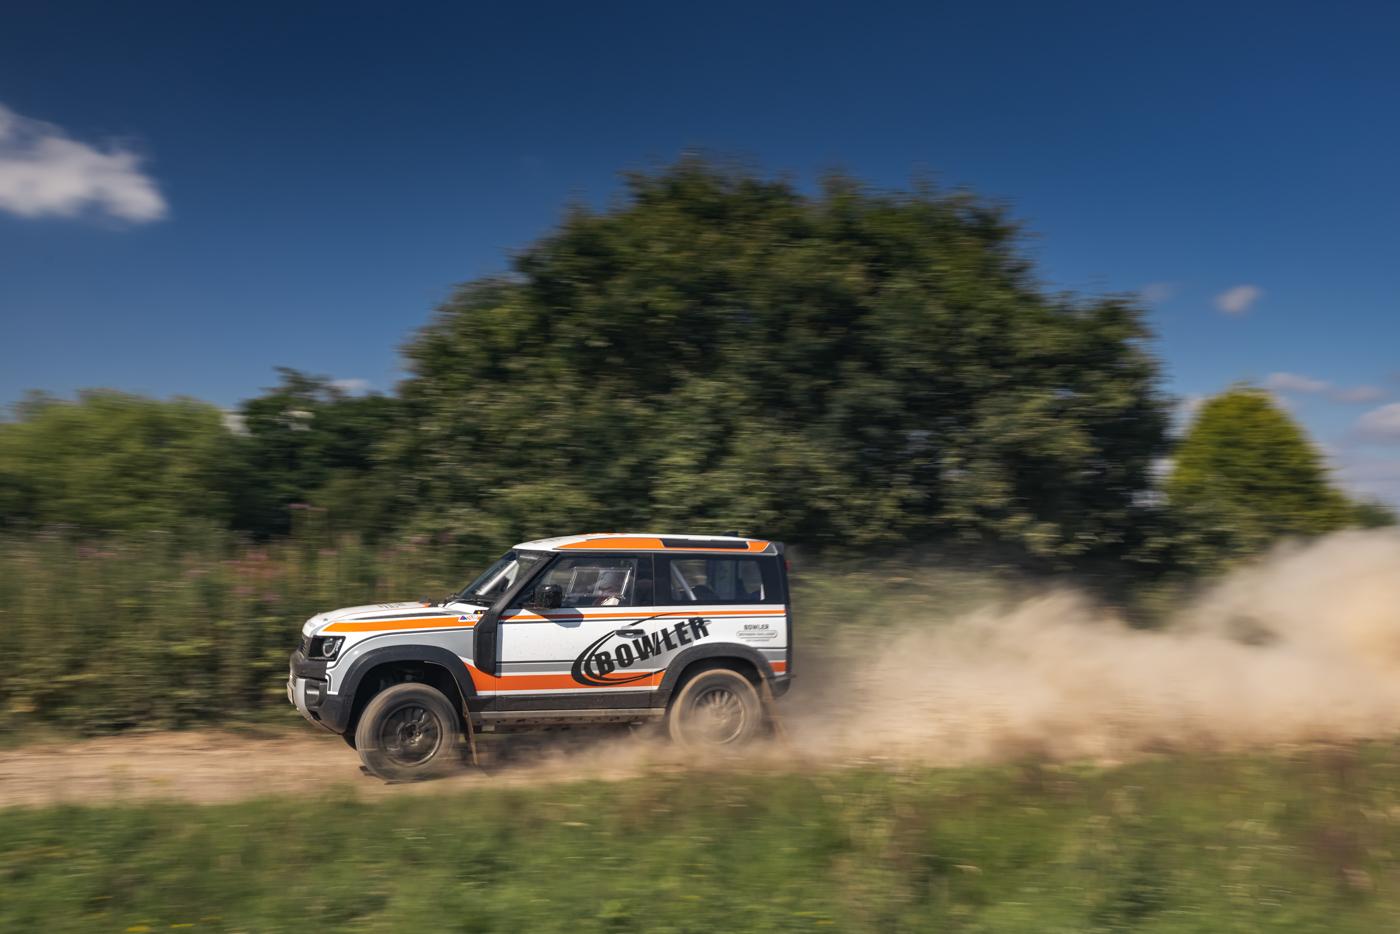 Land-Rover-hợp-tác-cùng-Bowler-ra-mắt-phiên-bản-đua-địa-hình-của-Defender-9.jpg